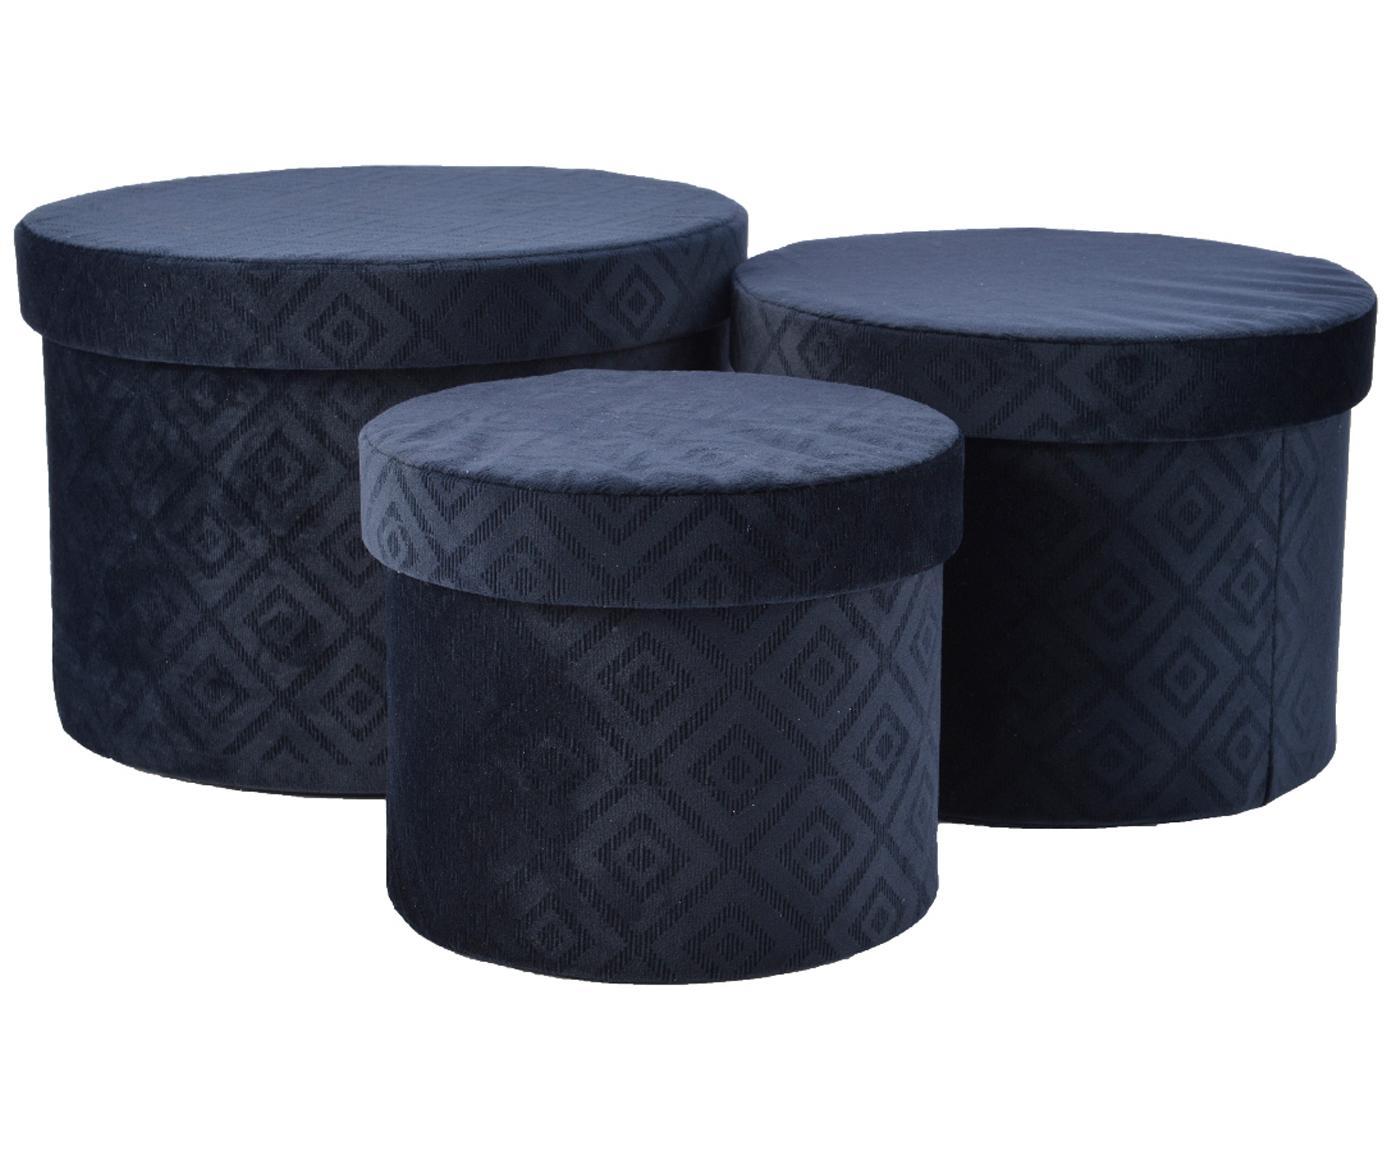 Set confezioni regalo in velluto Trinity Caro, 3 pz., Velluto di poliestere, Blu scuro, Diverse dimensioni